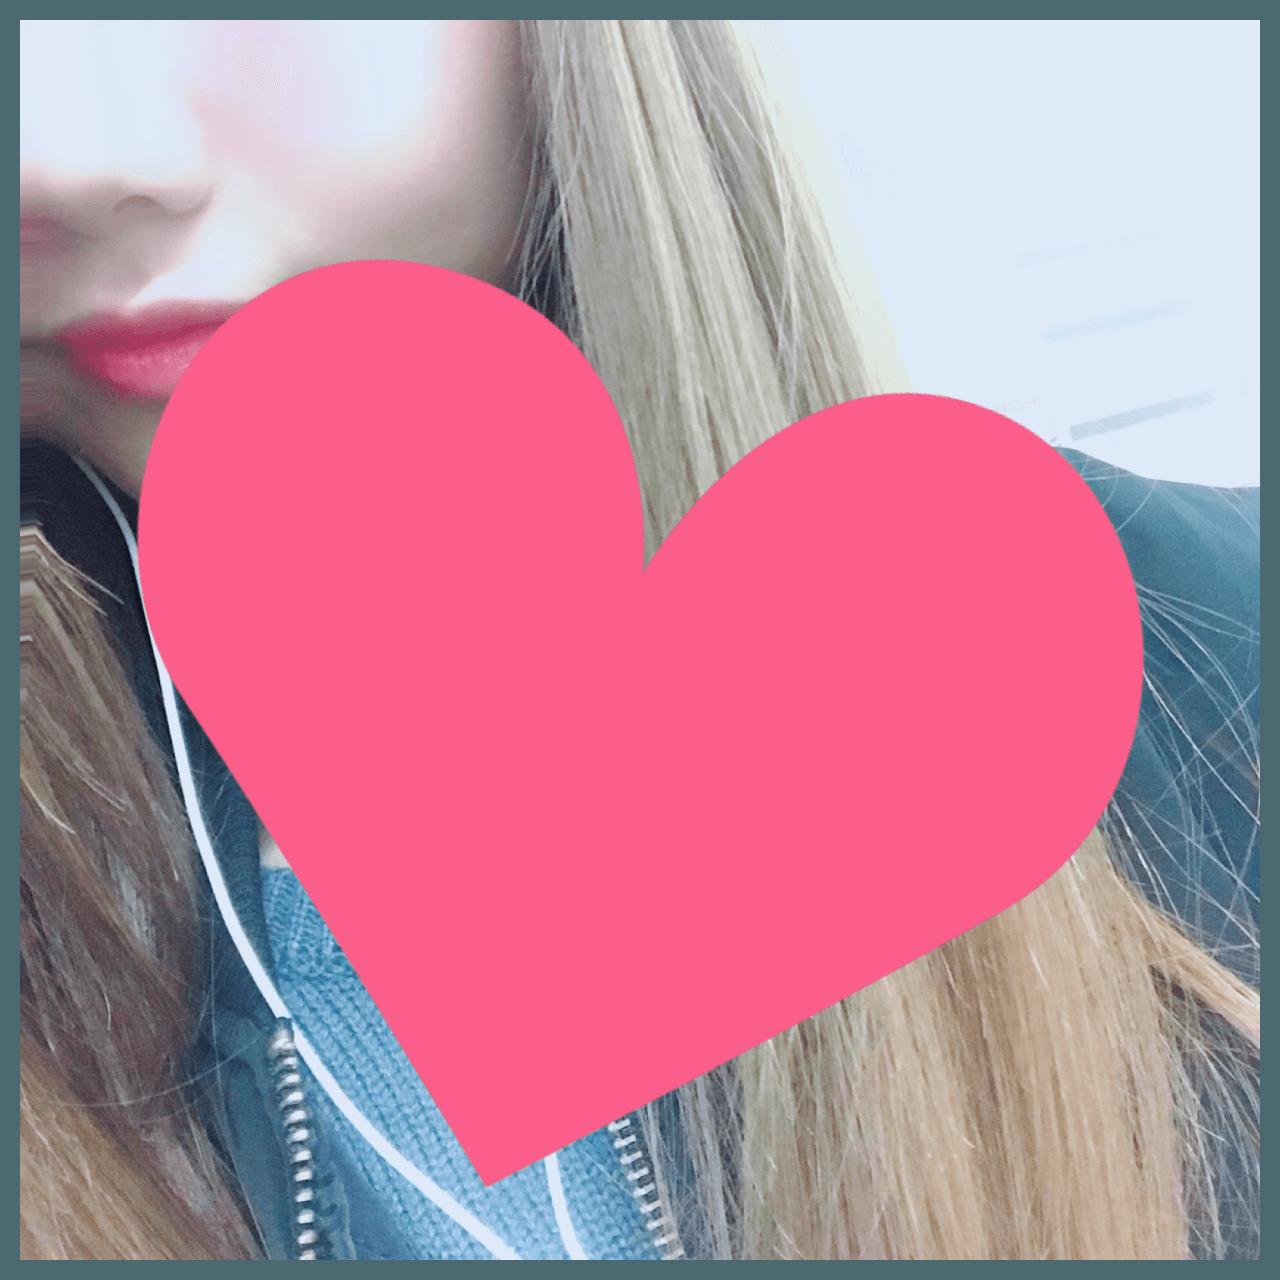 「こんばんわ」11/01(木) 20:25 | じゅんたんの写メ・風俗動画